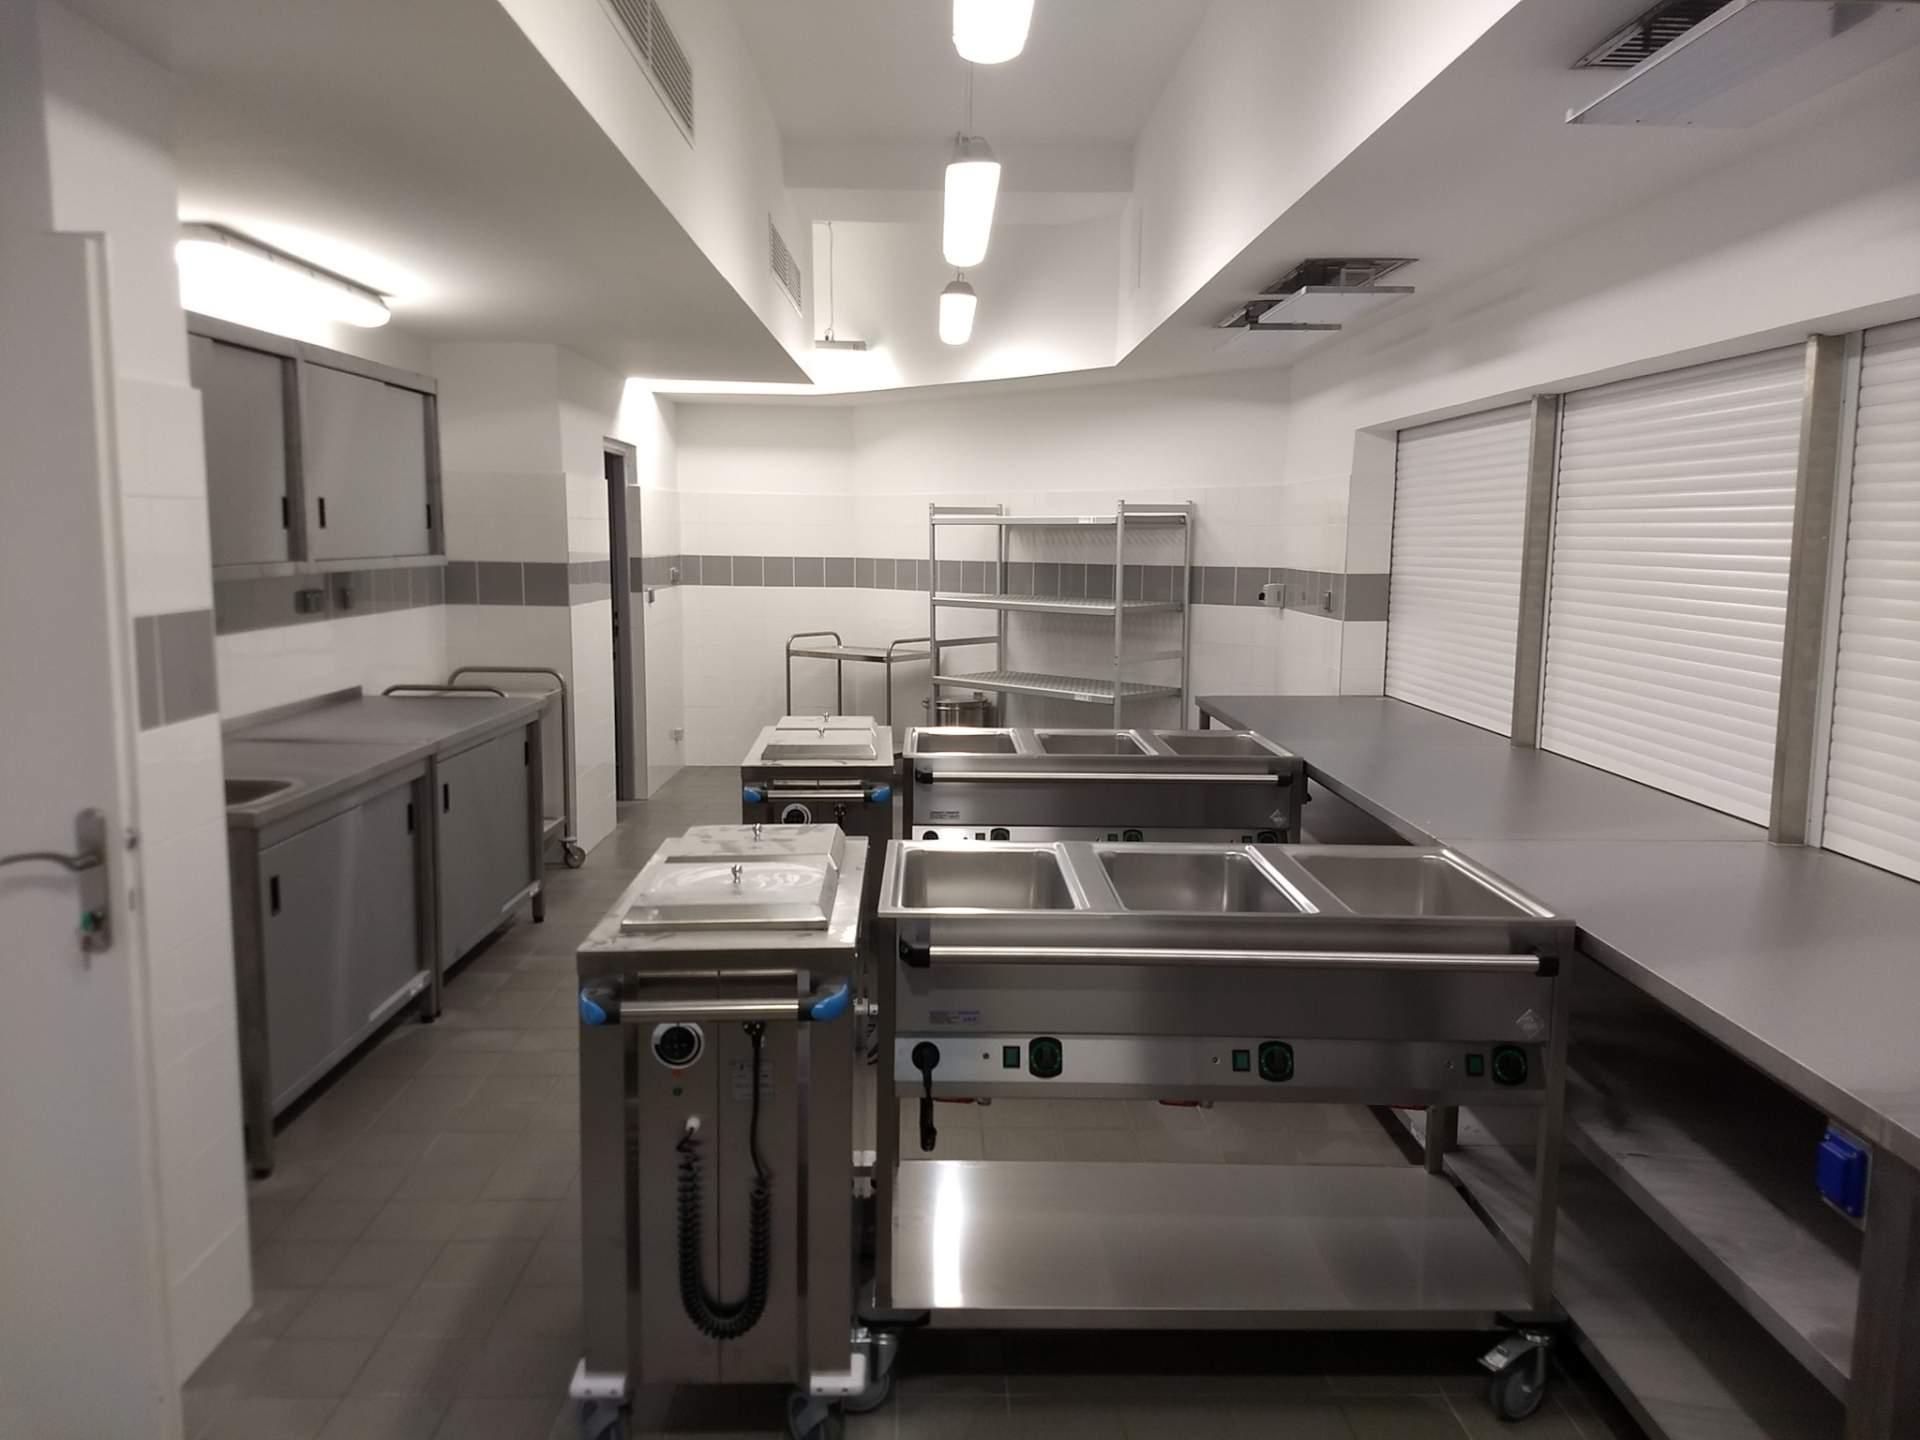 ZŠ Scherera, Piešťany - rekonštrukcia kuchyne